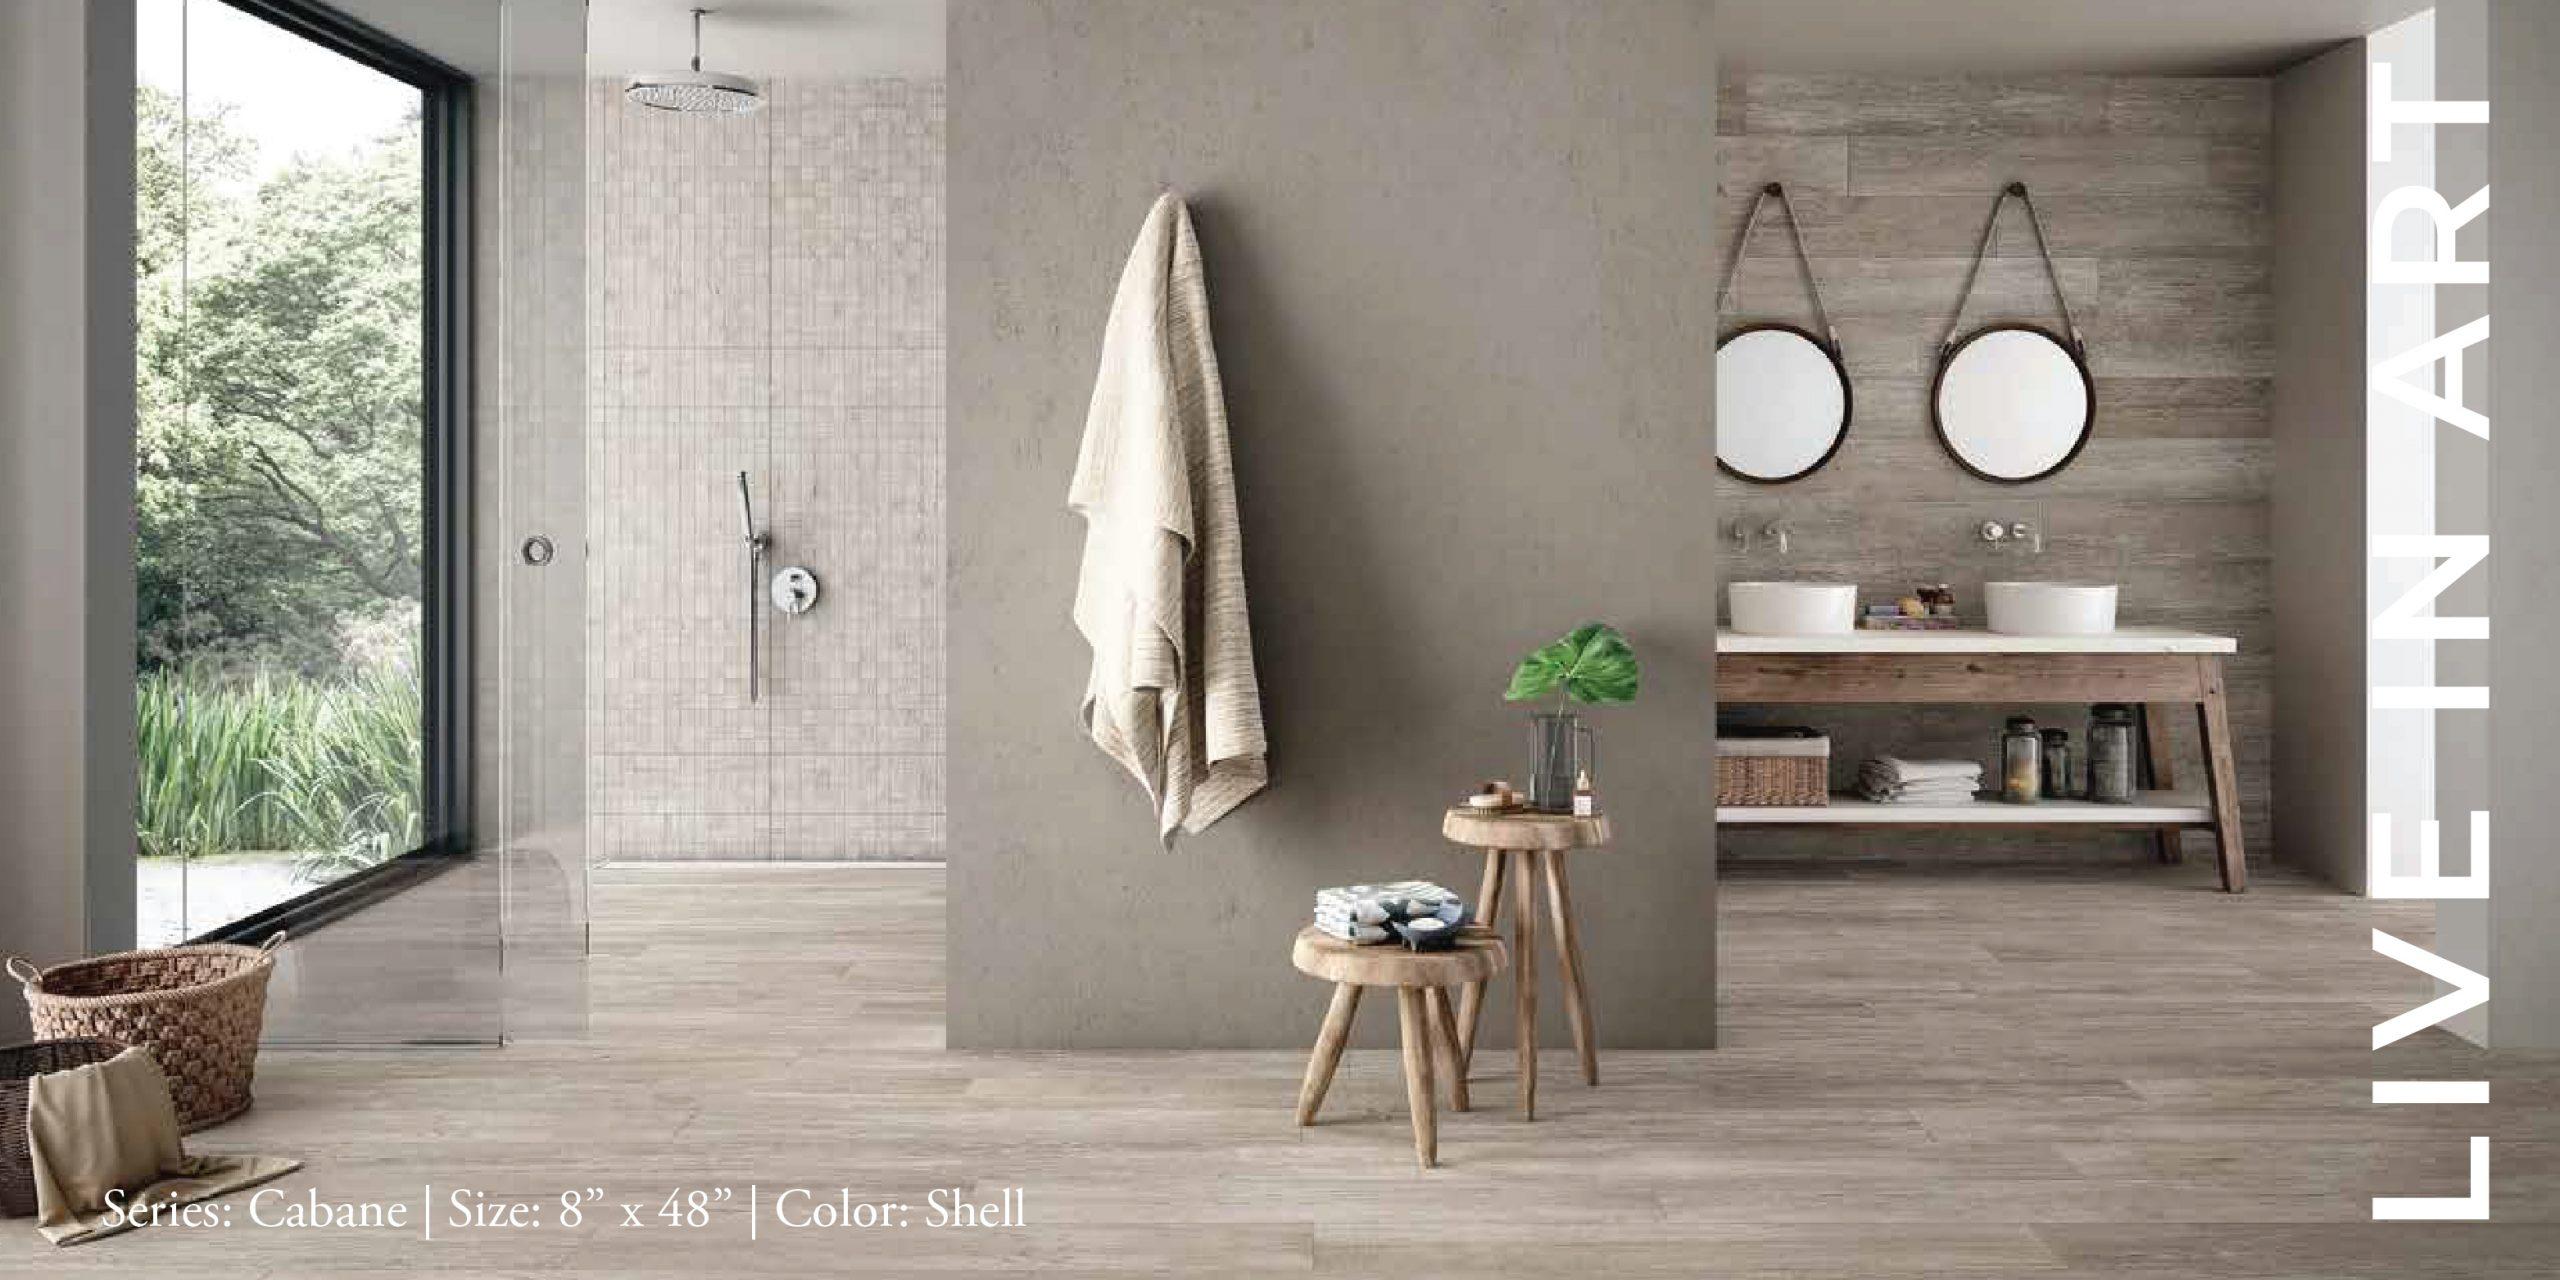 Cabane Shell 8x48